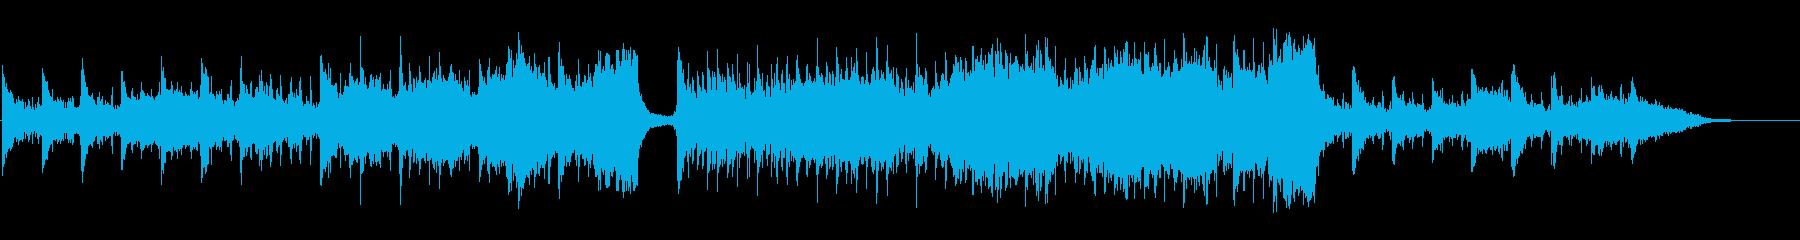 感動の場面に使えるBGMの再生済みの波形